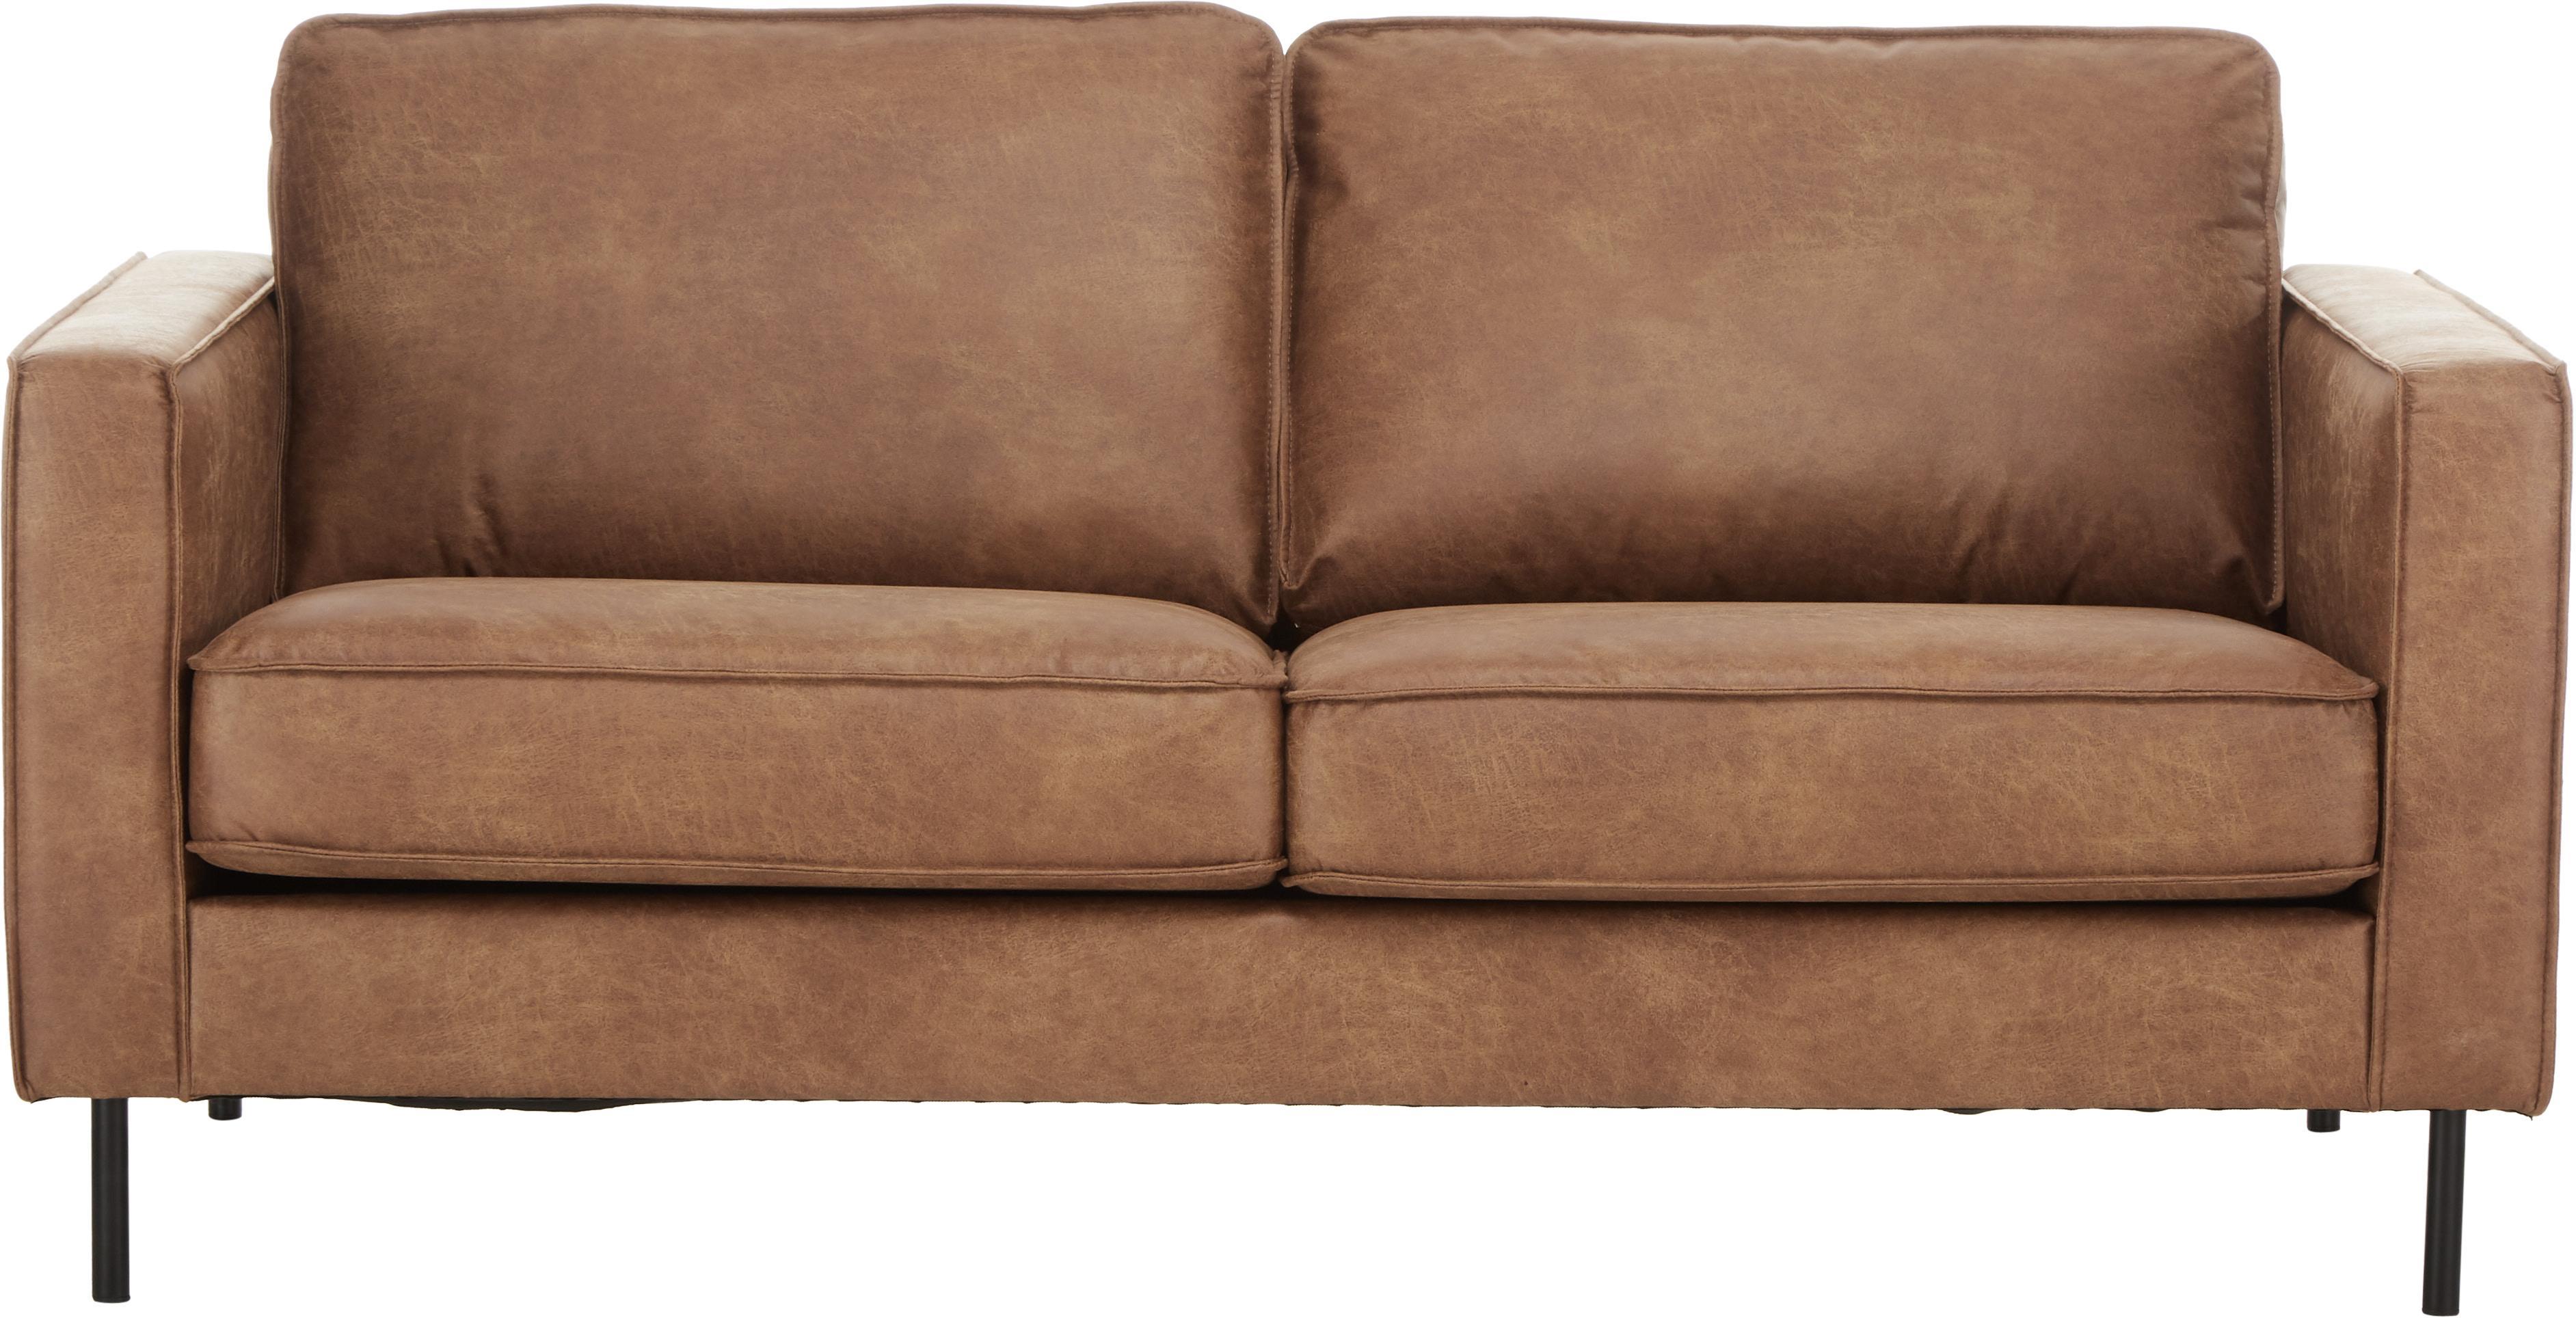 Sofá Hunter (2plazas), Tapizado: 70%cuero reciclado, 30%, Estructura: madera de abedul maciza y, Patas: metal con pintura en polv, Cuero marrón, An 164 cm x F 90 cm